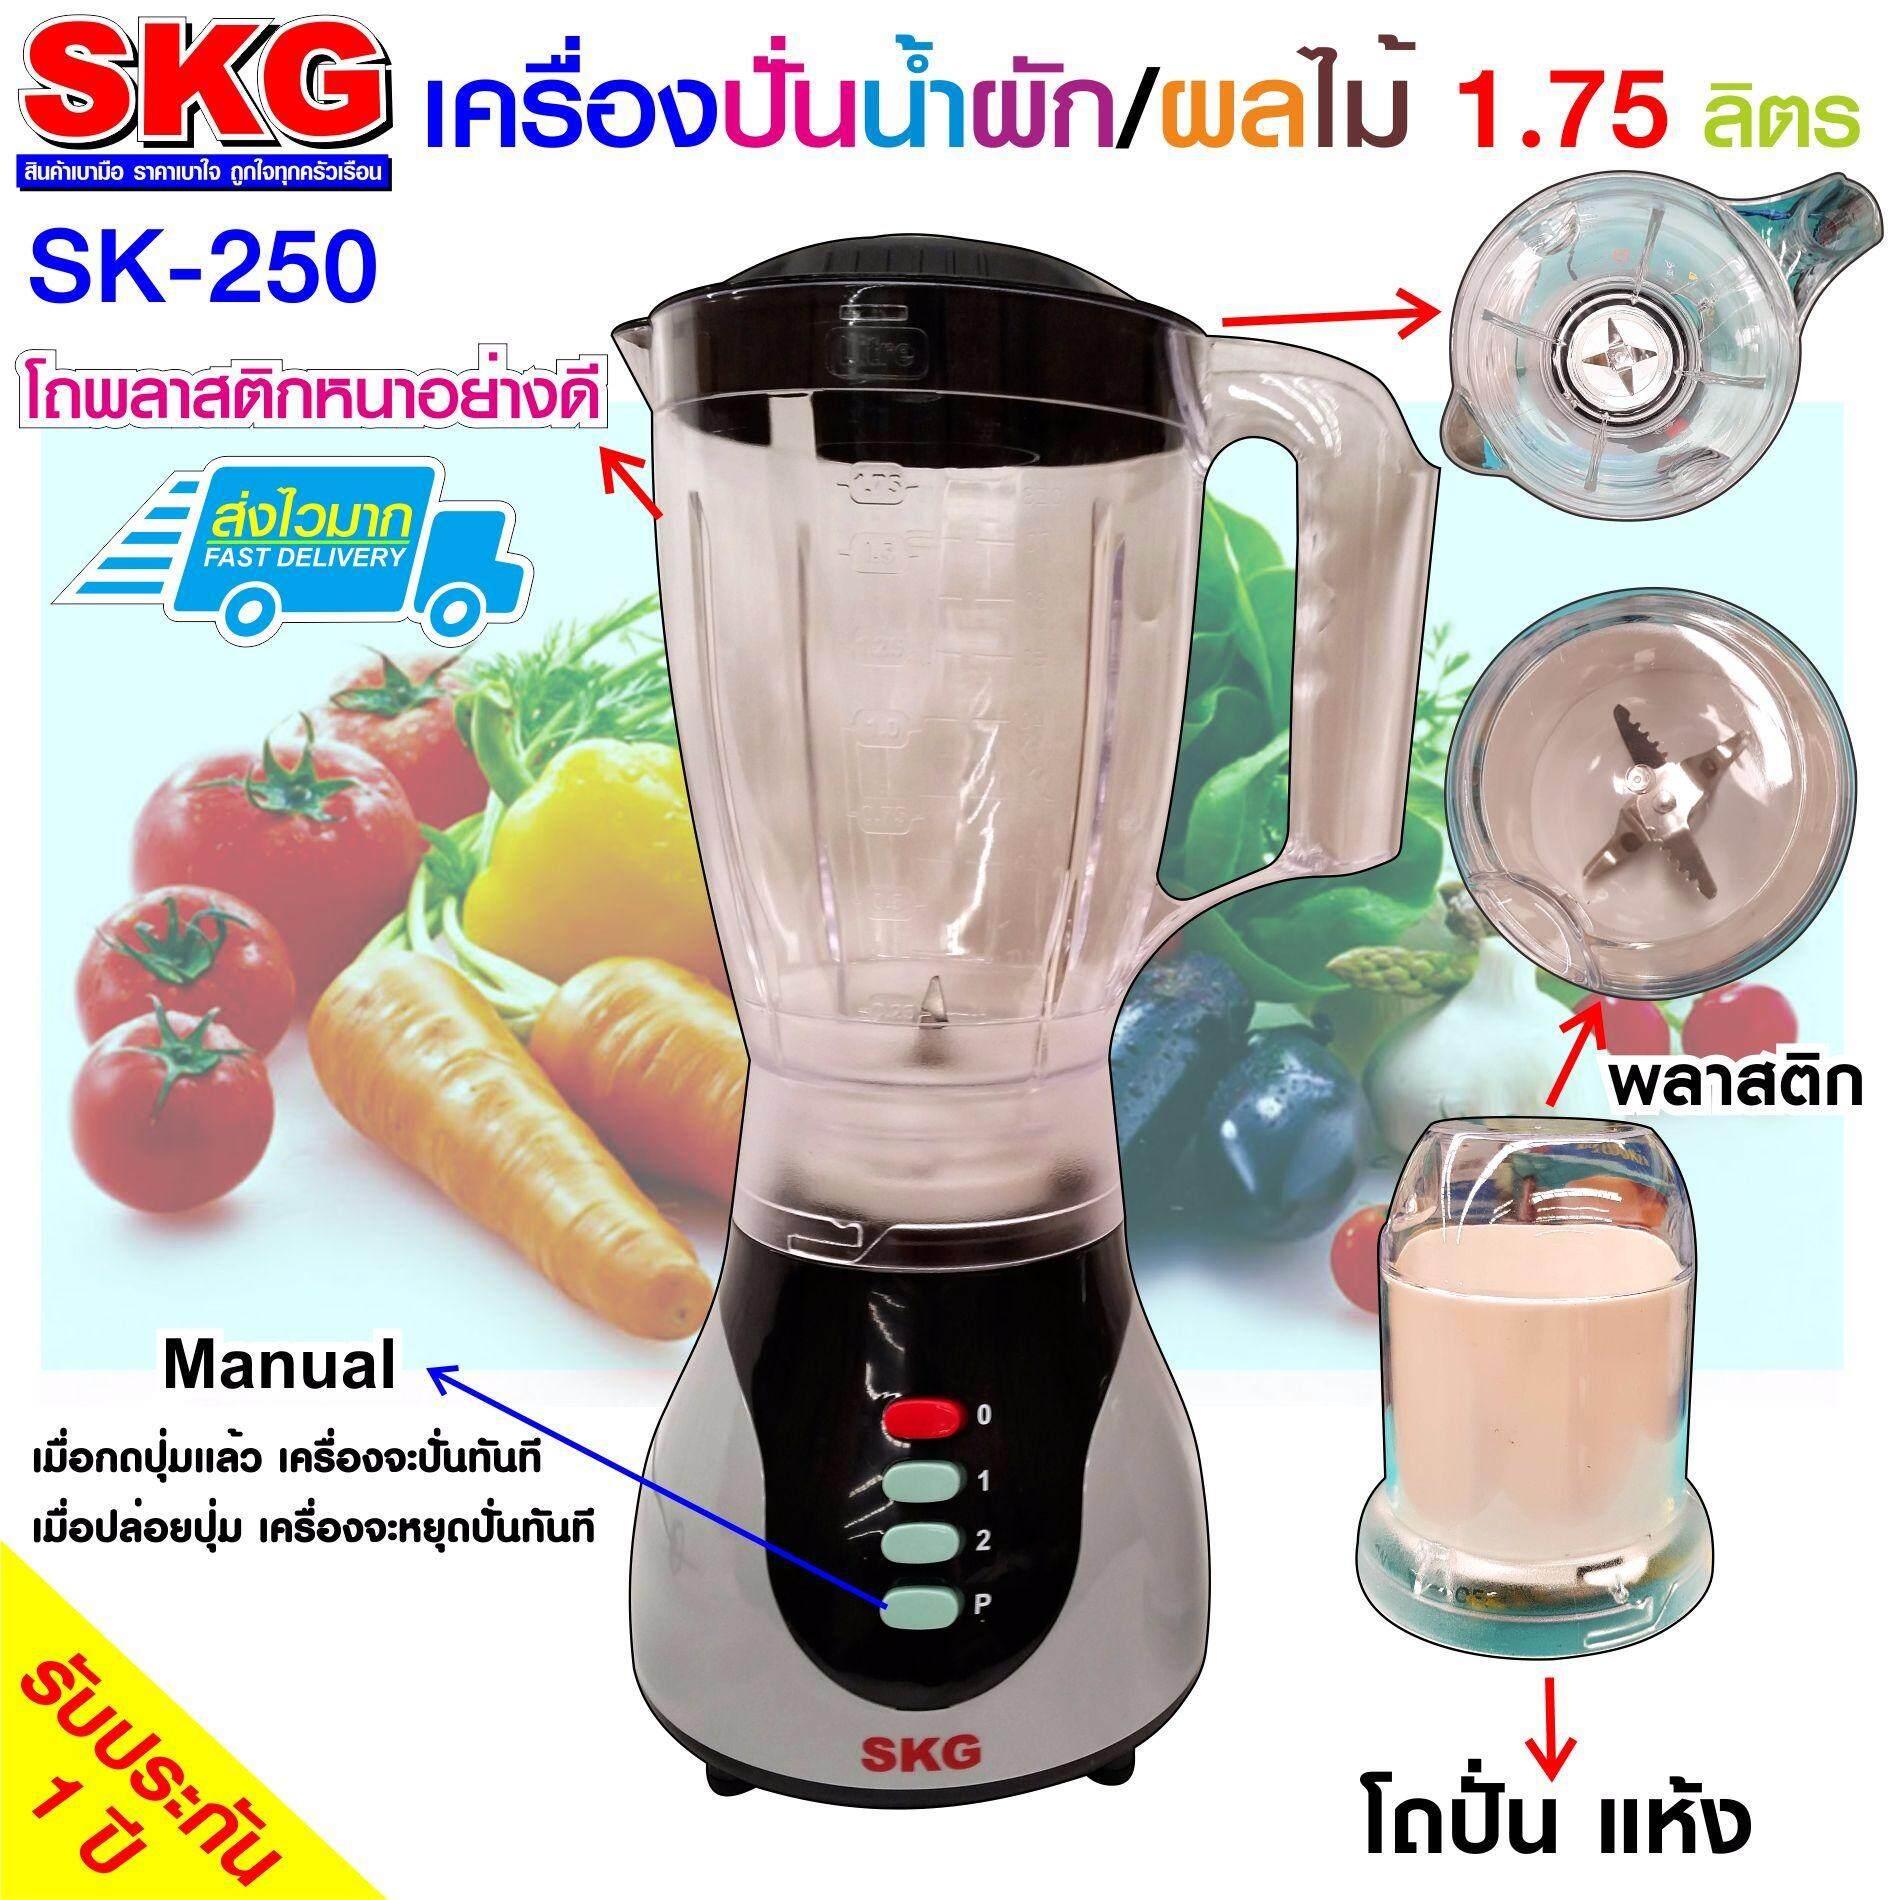 ราคา Skg เครื่องปั่นน้ำผลไม้ รุ่น Sk 250 1 75 ลิตร Skg กรุงเทพมหานคร